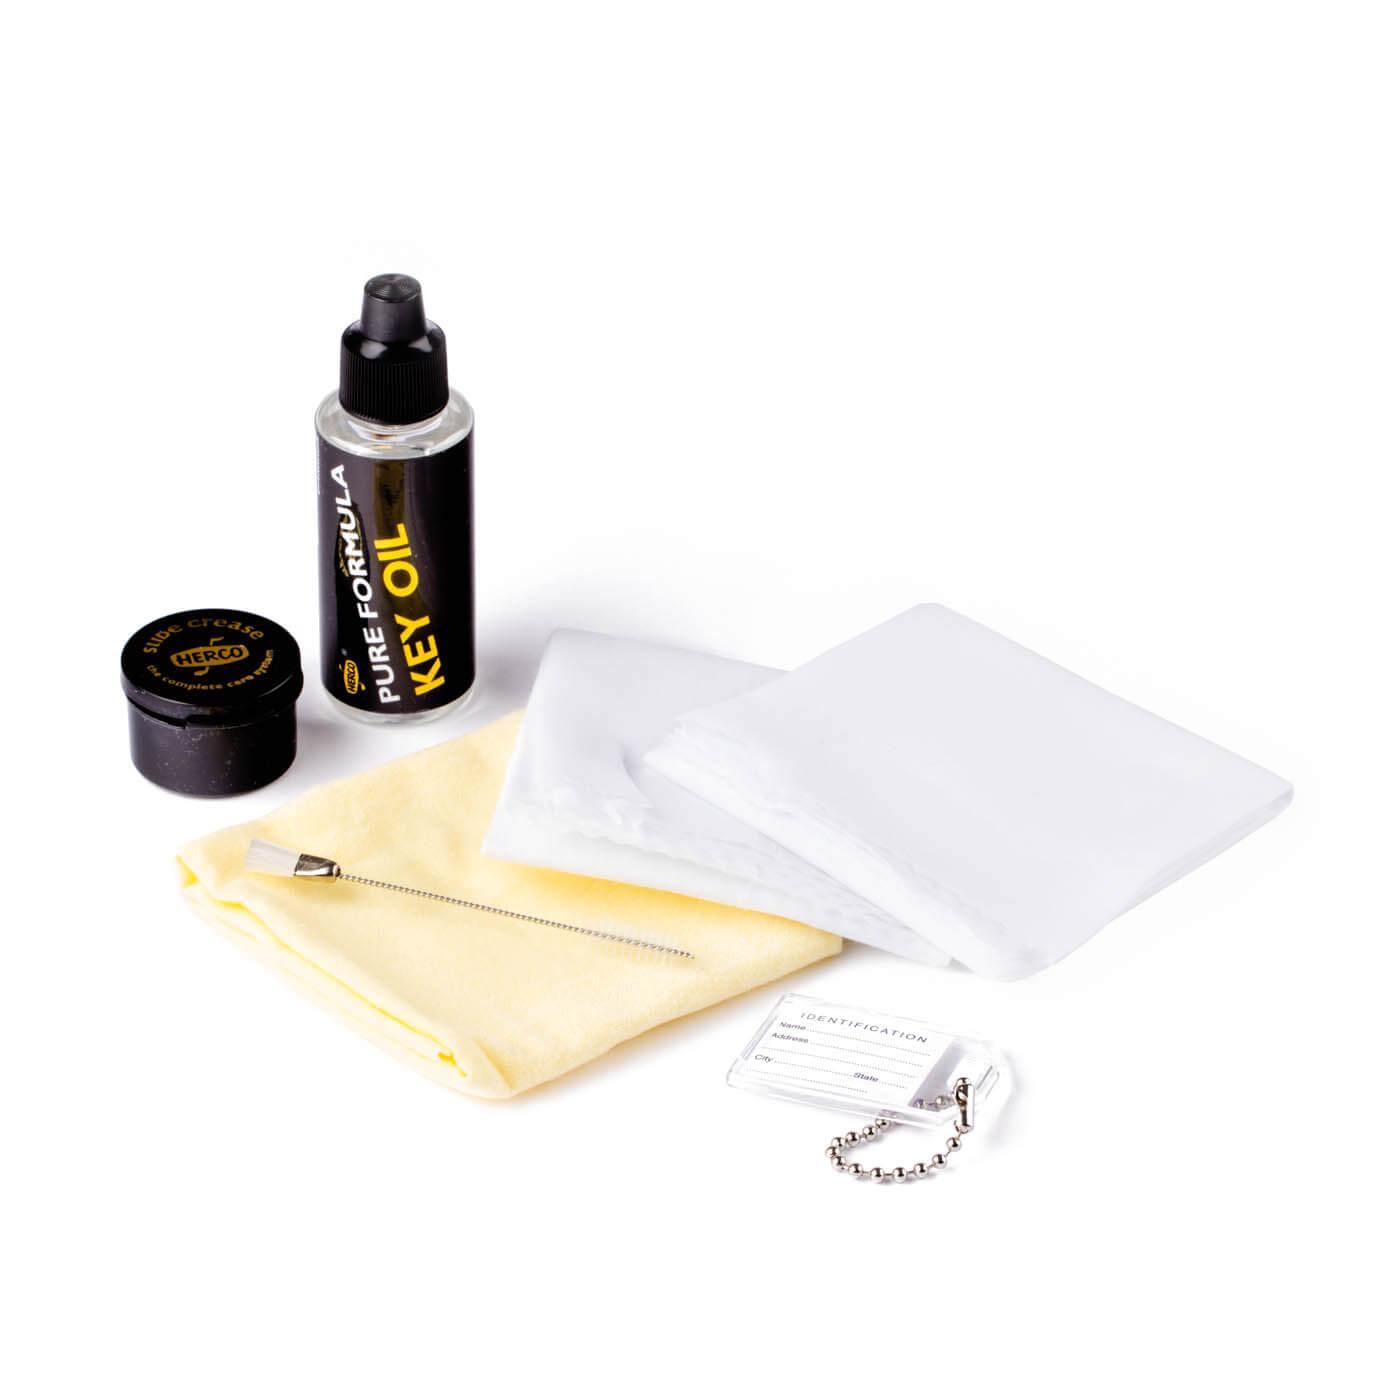 TOPINCN Kit de Repuesto para cortac/ésped de jard/ín con muelles de Cuerda para cortac/ésped 029 039 MS290 MS390